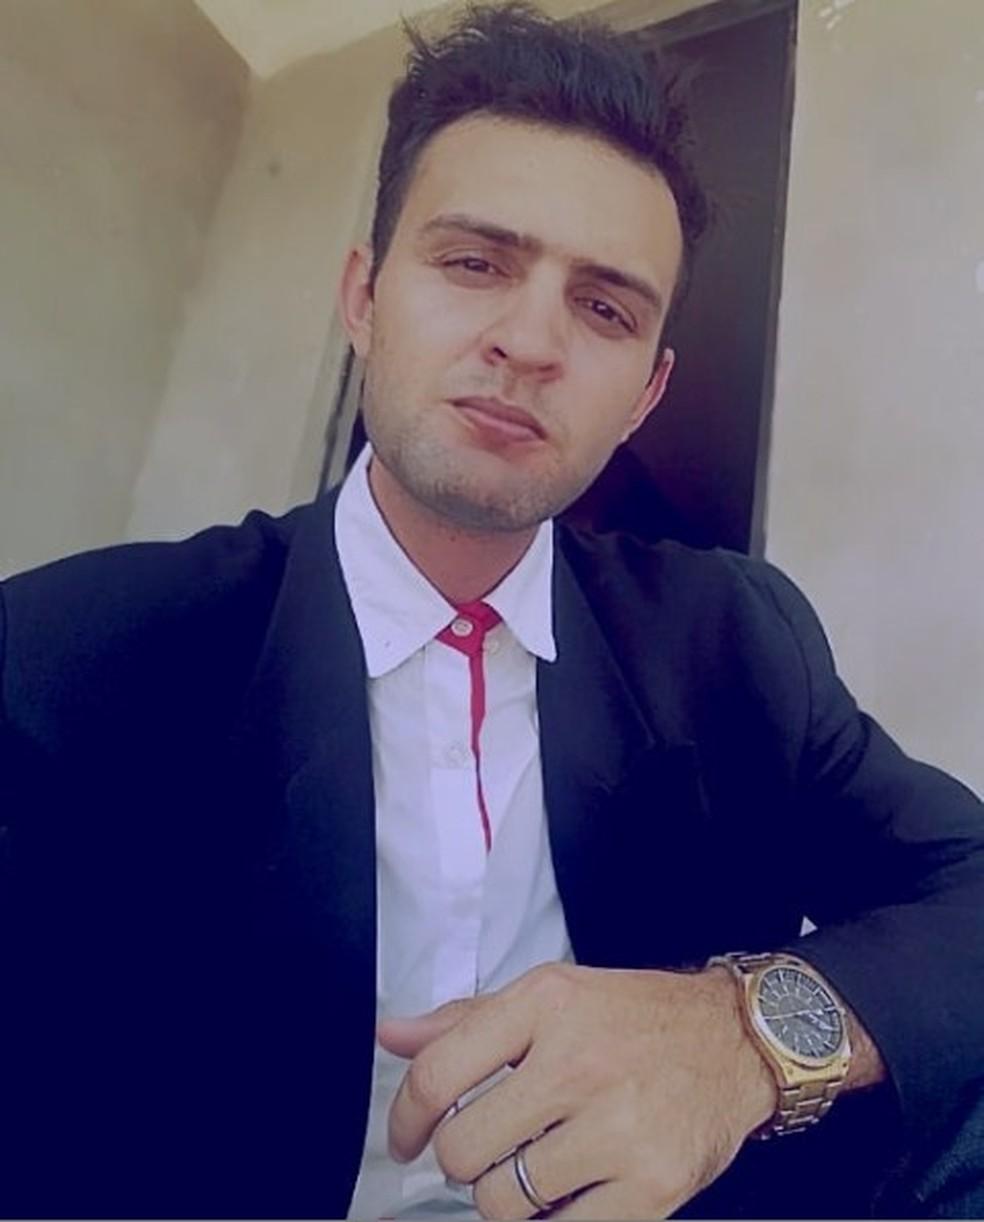 Sirlael Souza foi assassinado no N-8 em Petrolina — Foto: Reprodução/ Redes sociais